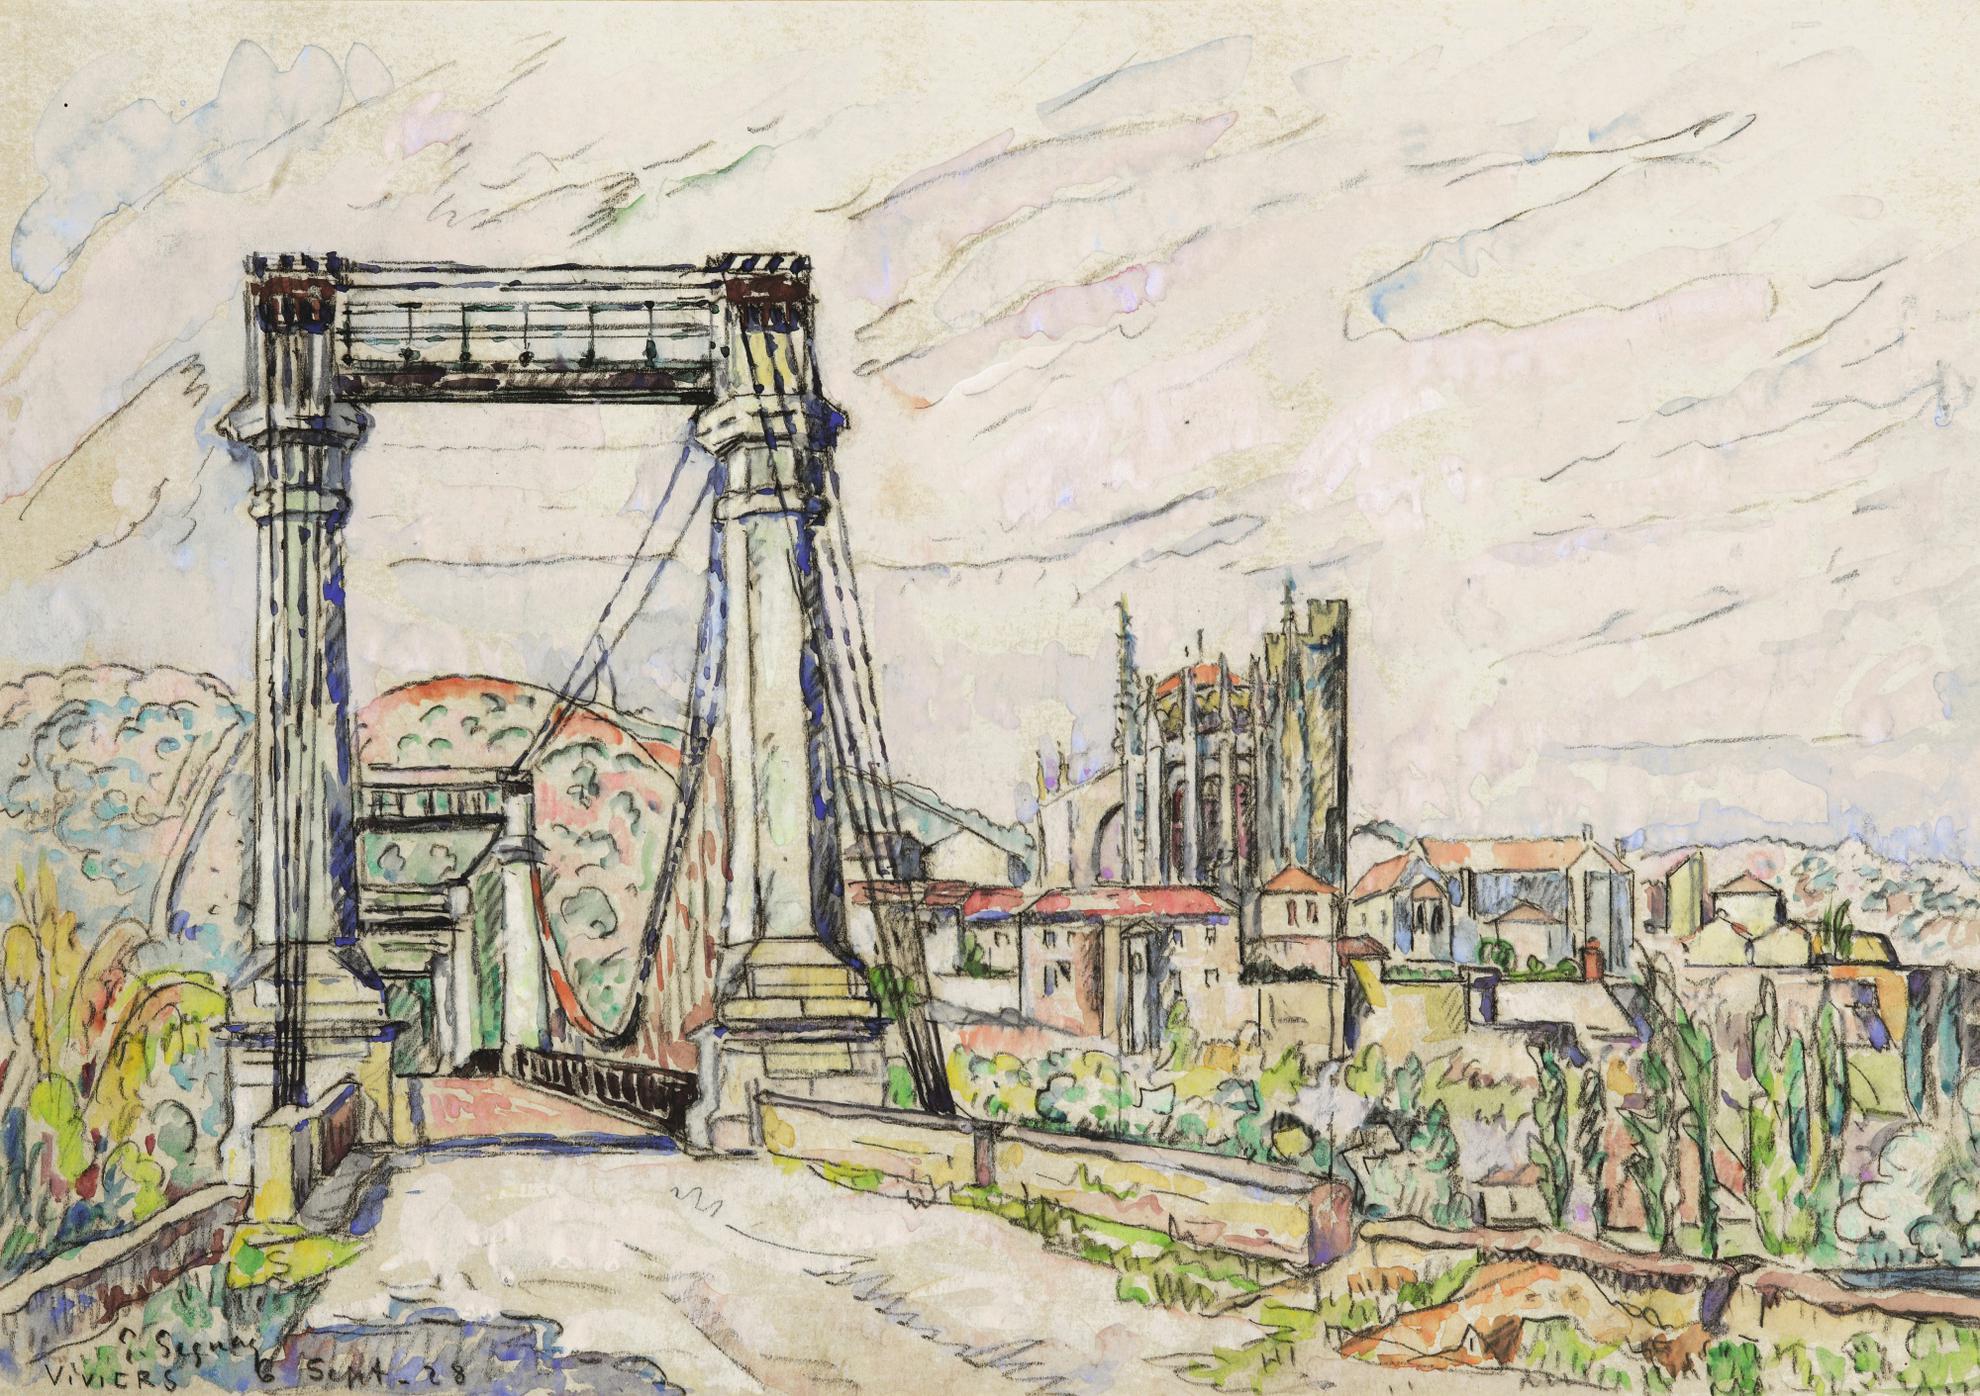 Paul Signac-Viviers, Le Pont-1928